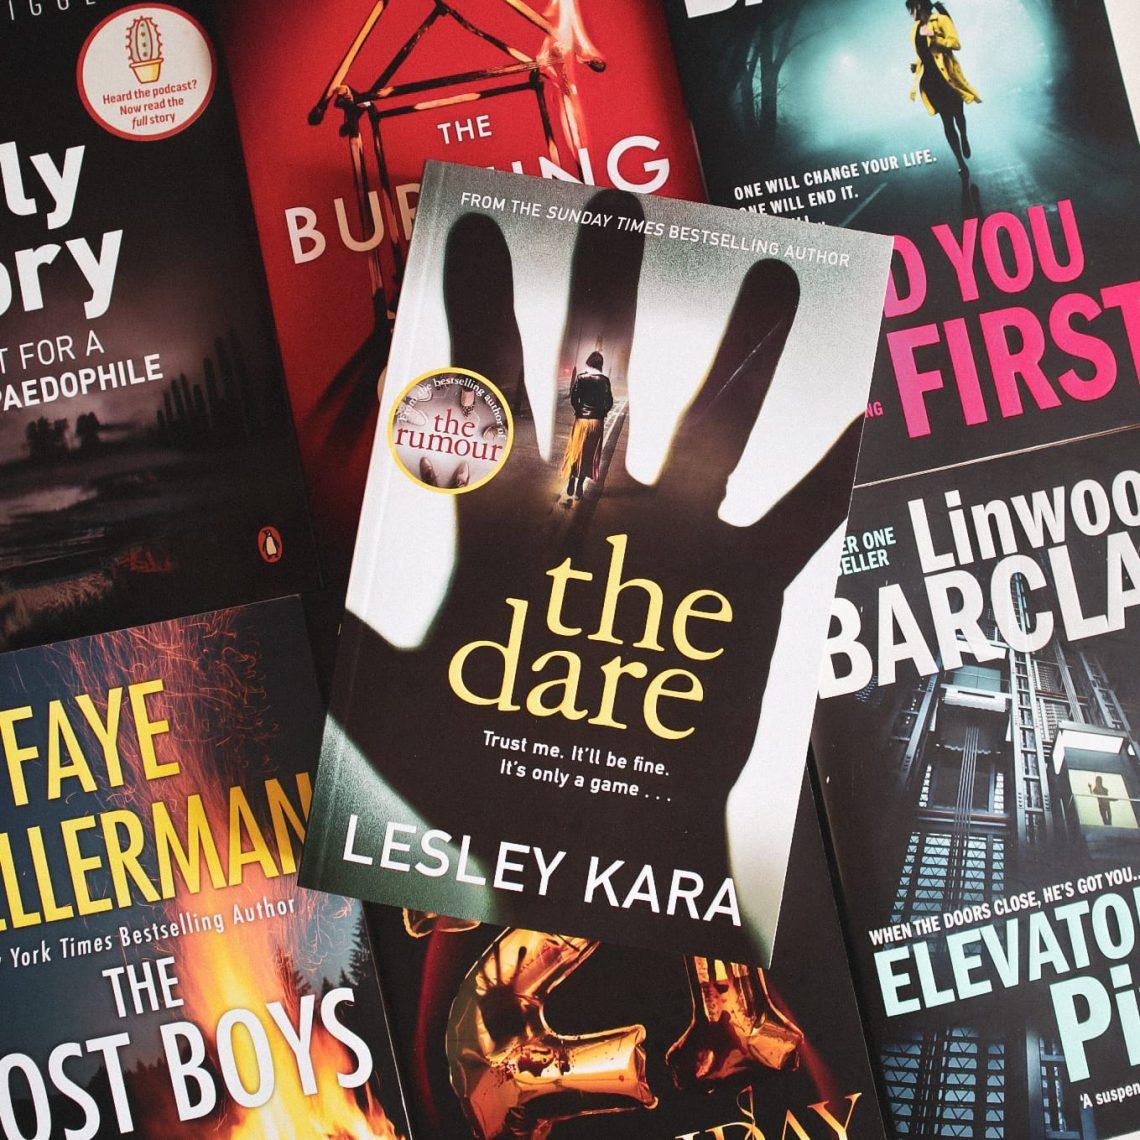 The Dare Lesley Kara